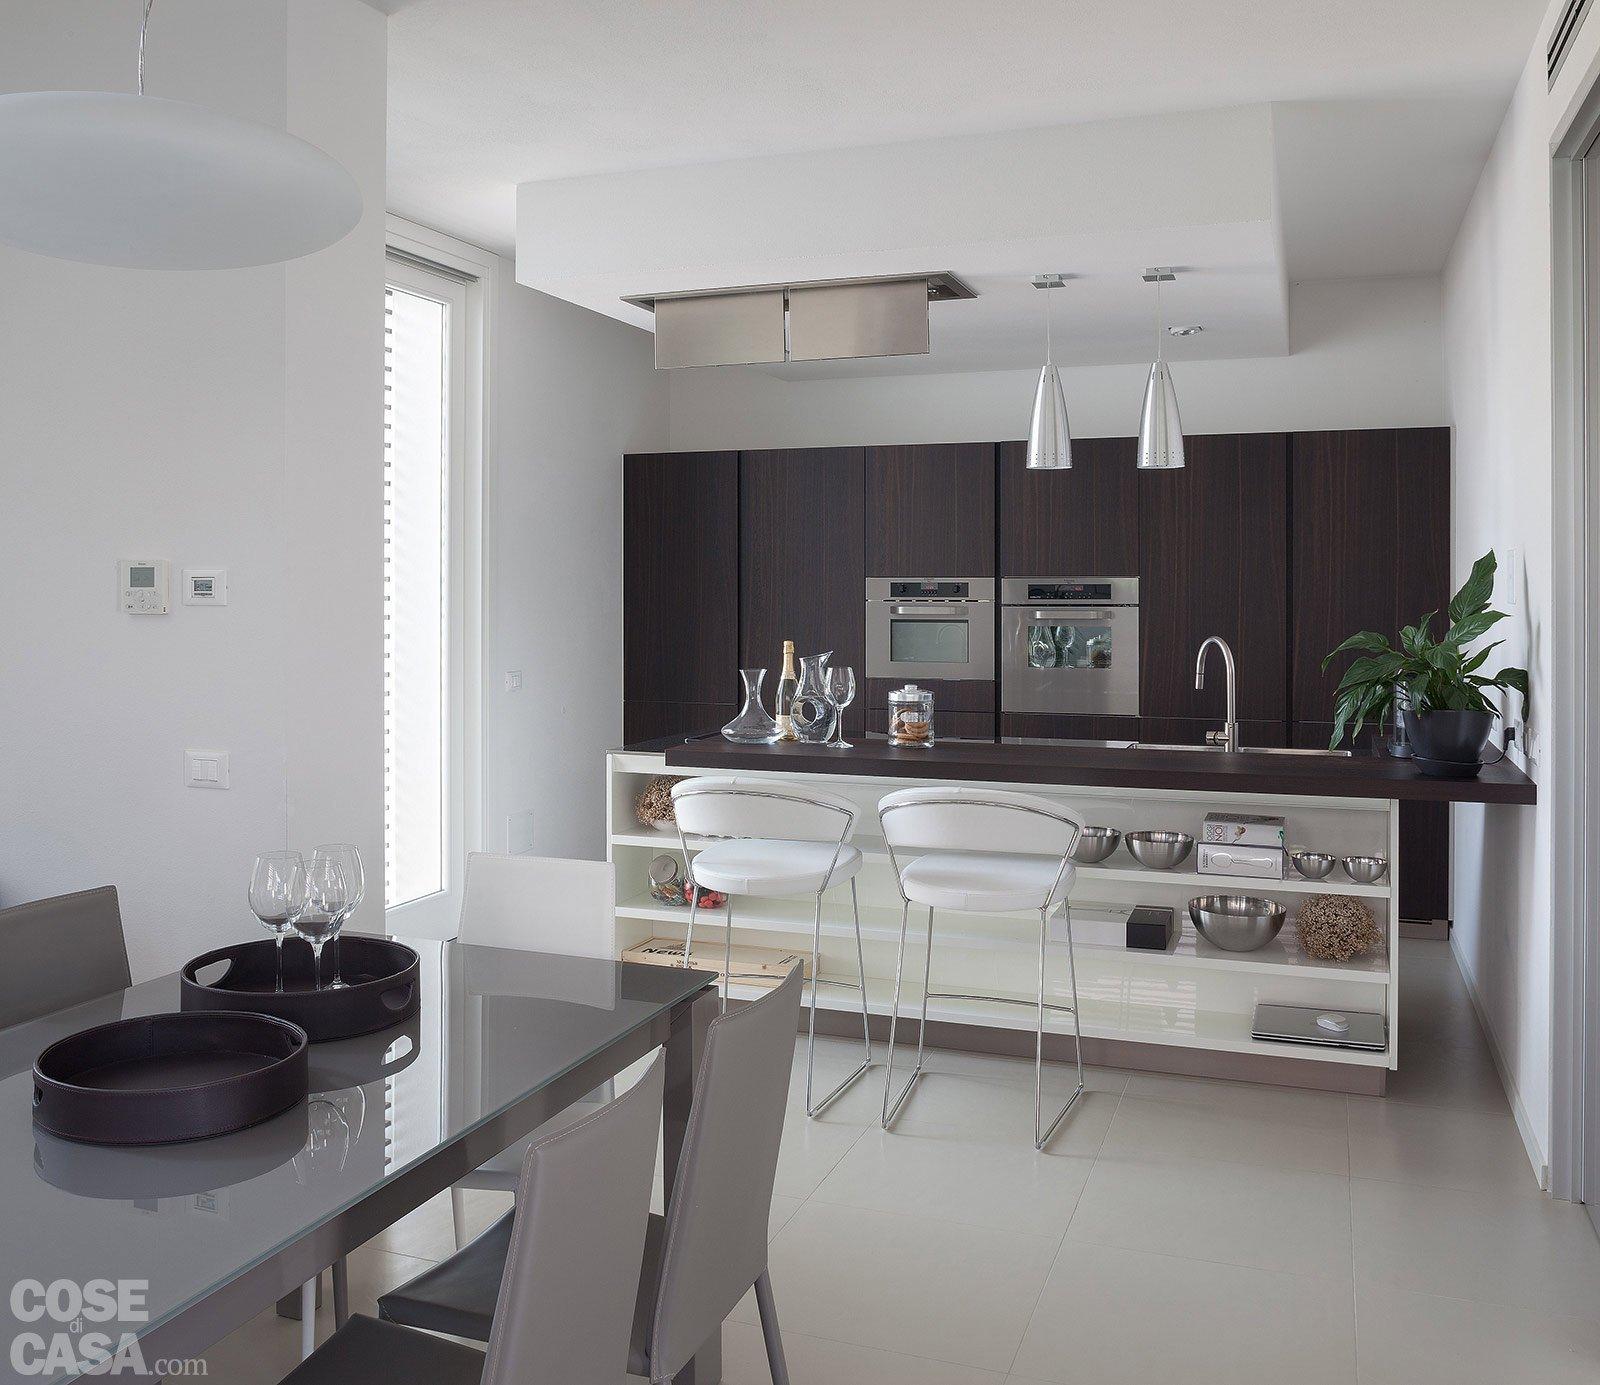 Architetture in piena luce cose di casa - Luce per cucina ...